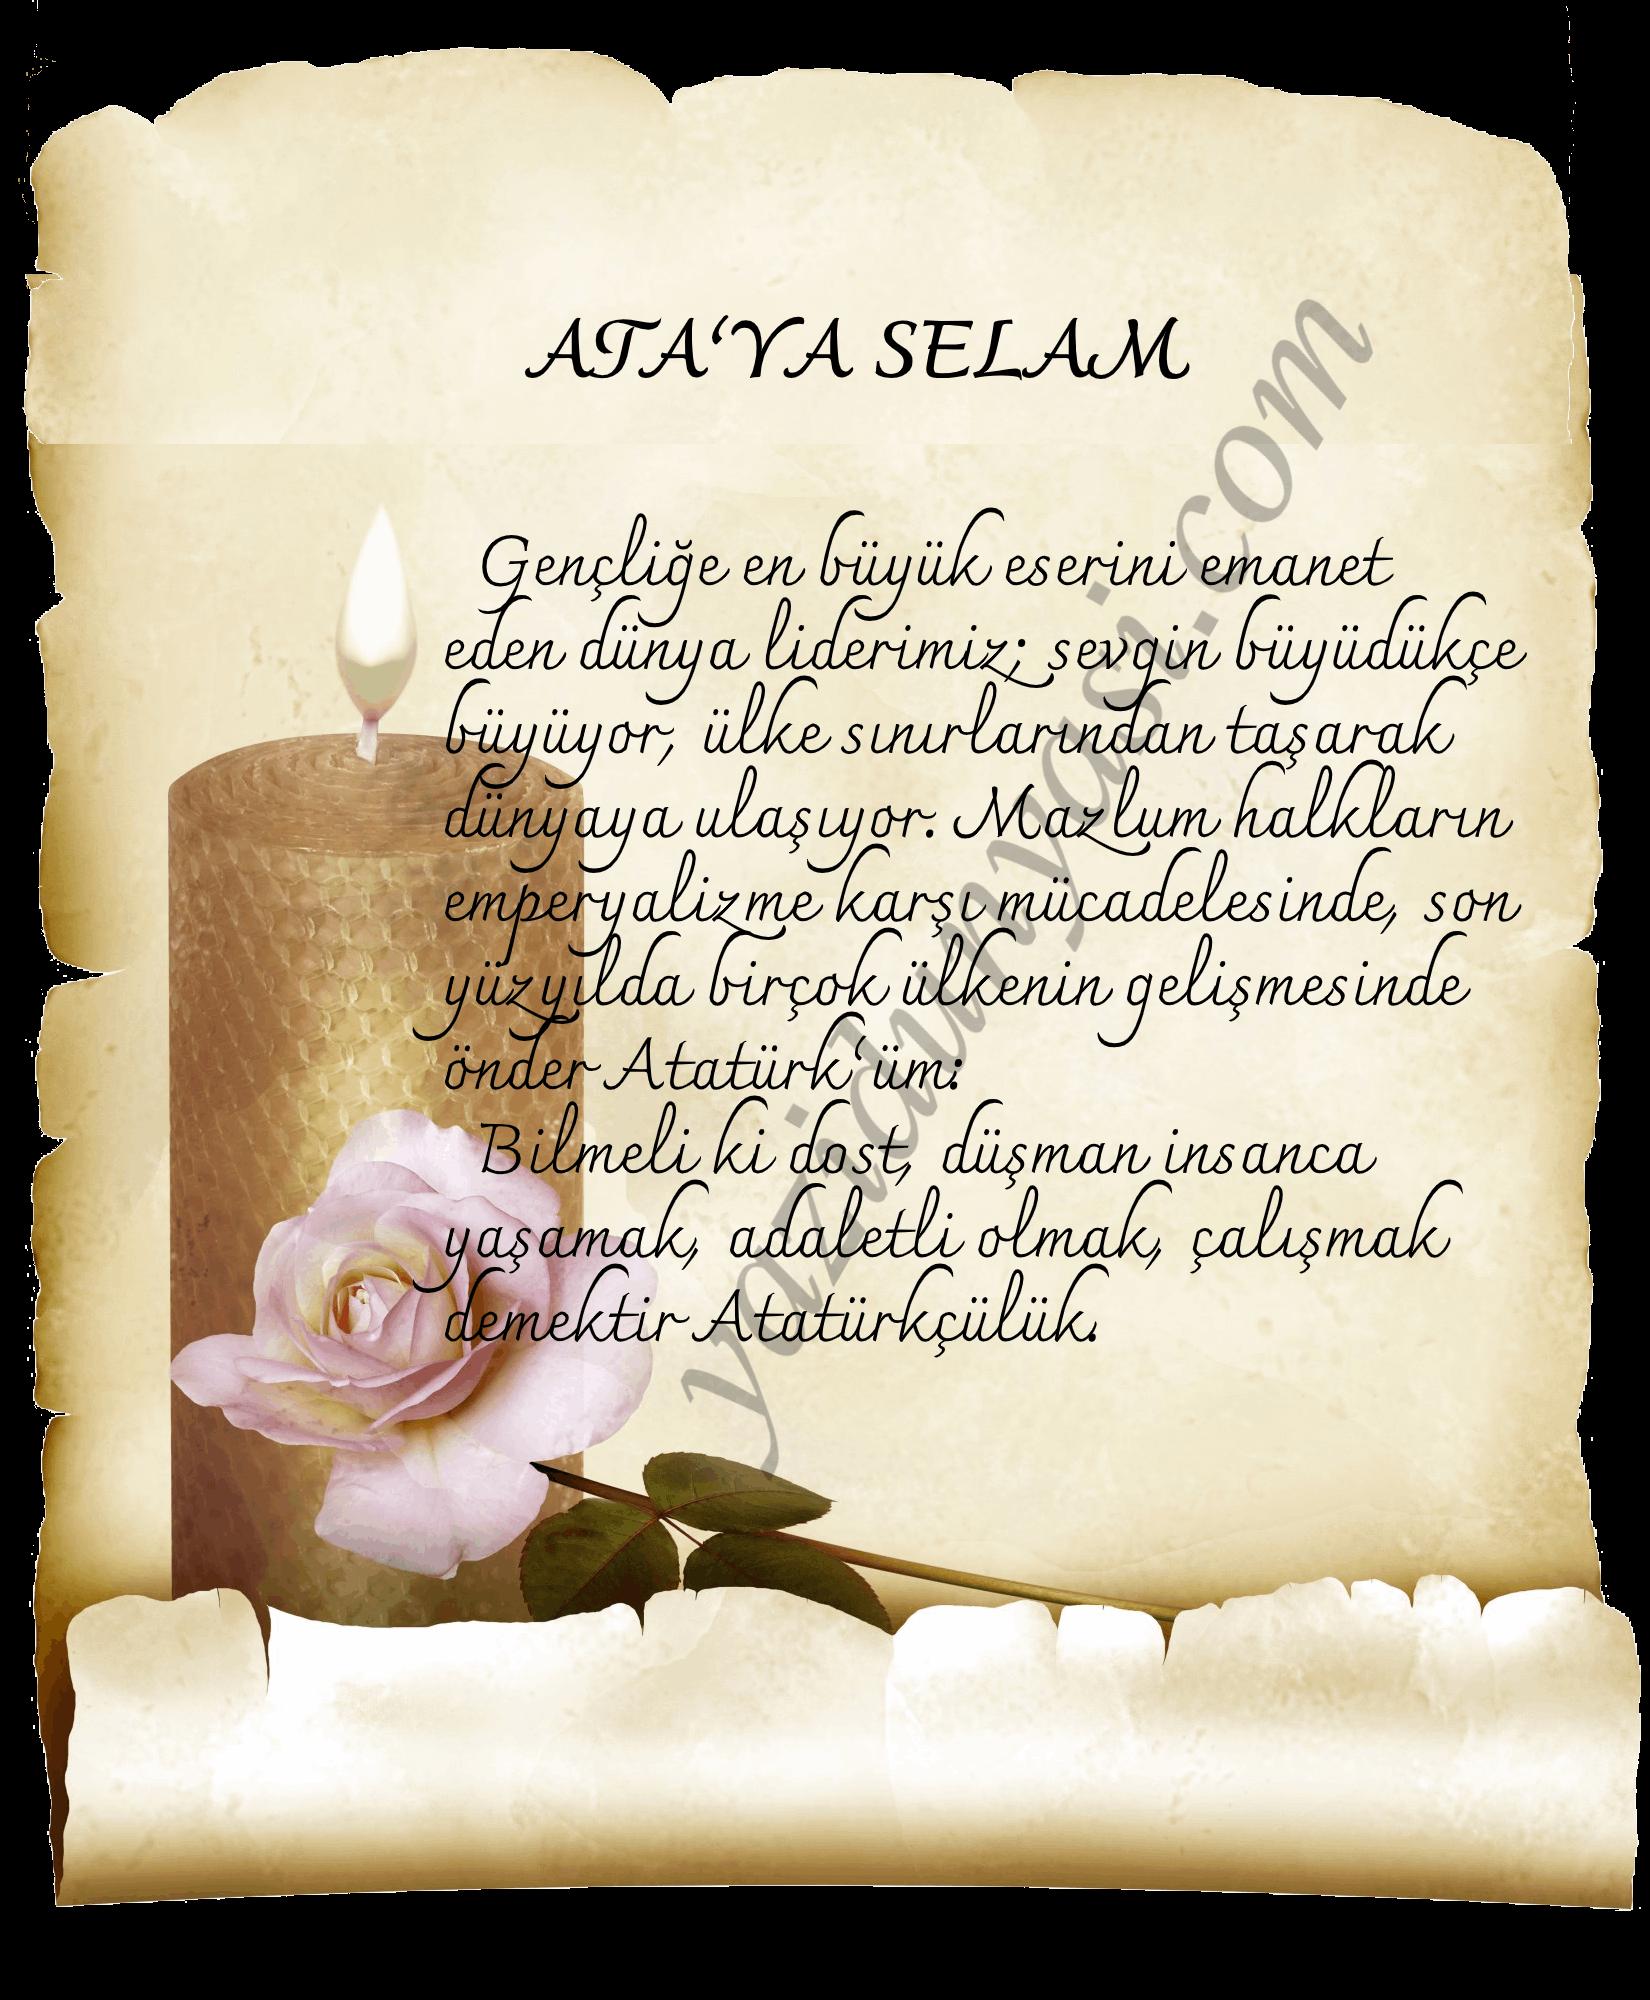 Gençliğe en büyük eserini emanet eden dünya liderimiz; sevgin büyüdükçe büyüyor, ülke sınırlarından taşarak dünyaya ulaşıyor. Mazlum halkların emperyalizme karşı mücadelesinde, son yüzyılda birçok ülkenin gelişmesinde önder Atatürk'üm: Bilmeli ki dost, düşman insanca yaşamak, adaletli olmak, çalışmak demektir Atatürkçülük.